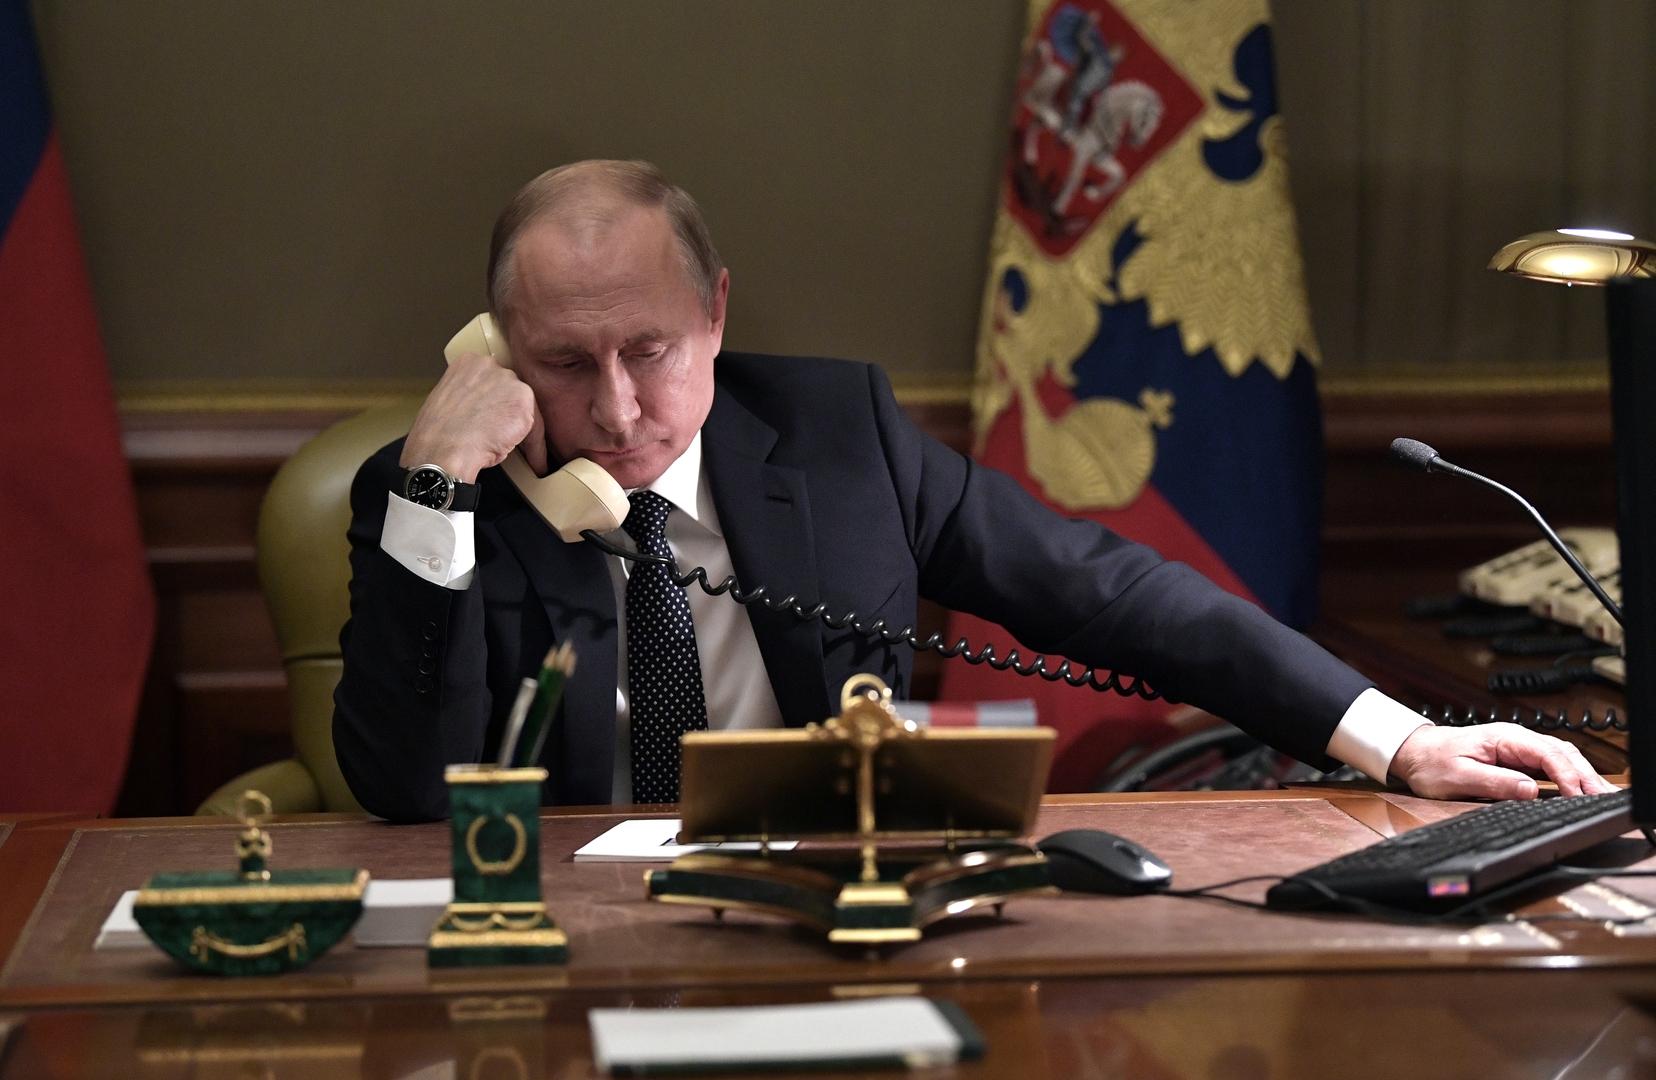 الرئيس الروسي فلاديمير بوتين يجري مكالمة هاتفية - صورة أرشيفية